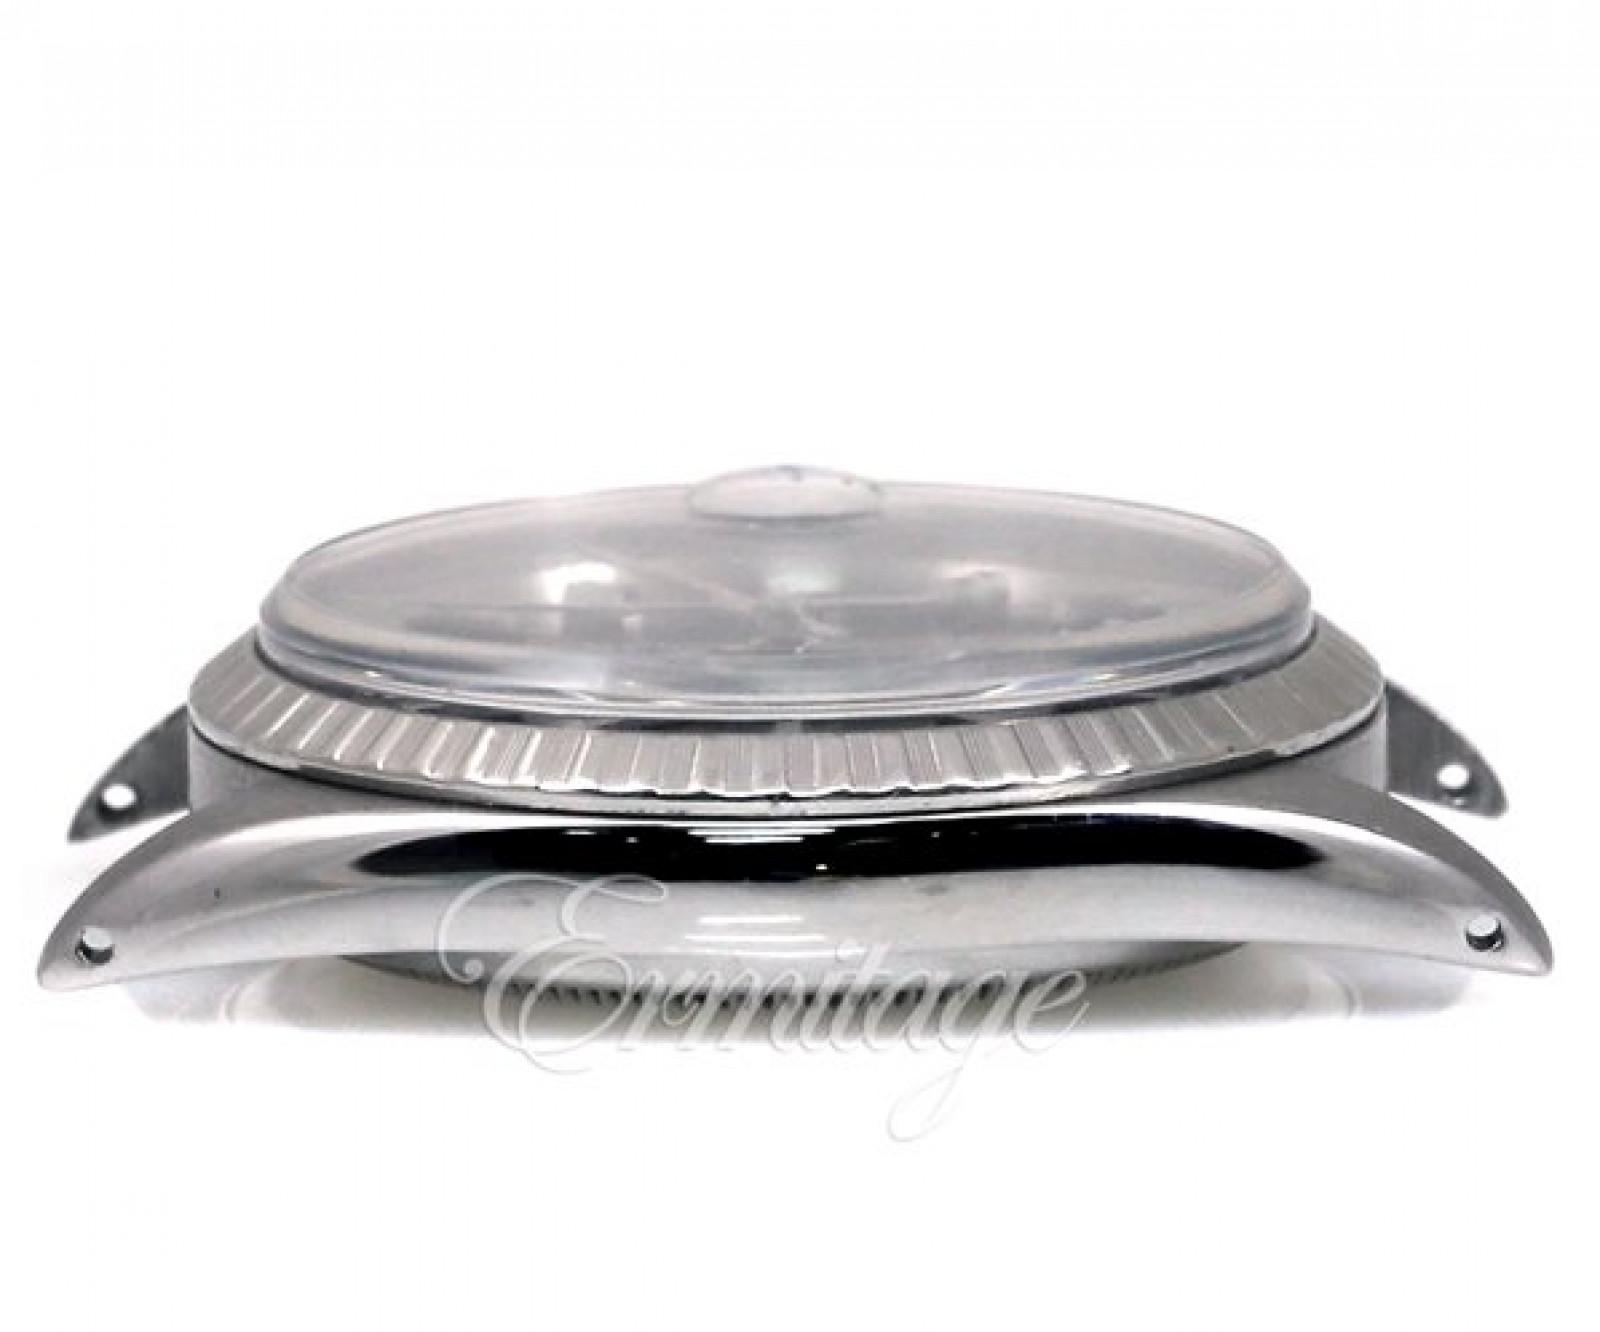 Vintage Rolex Datejust 1603